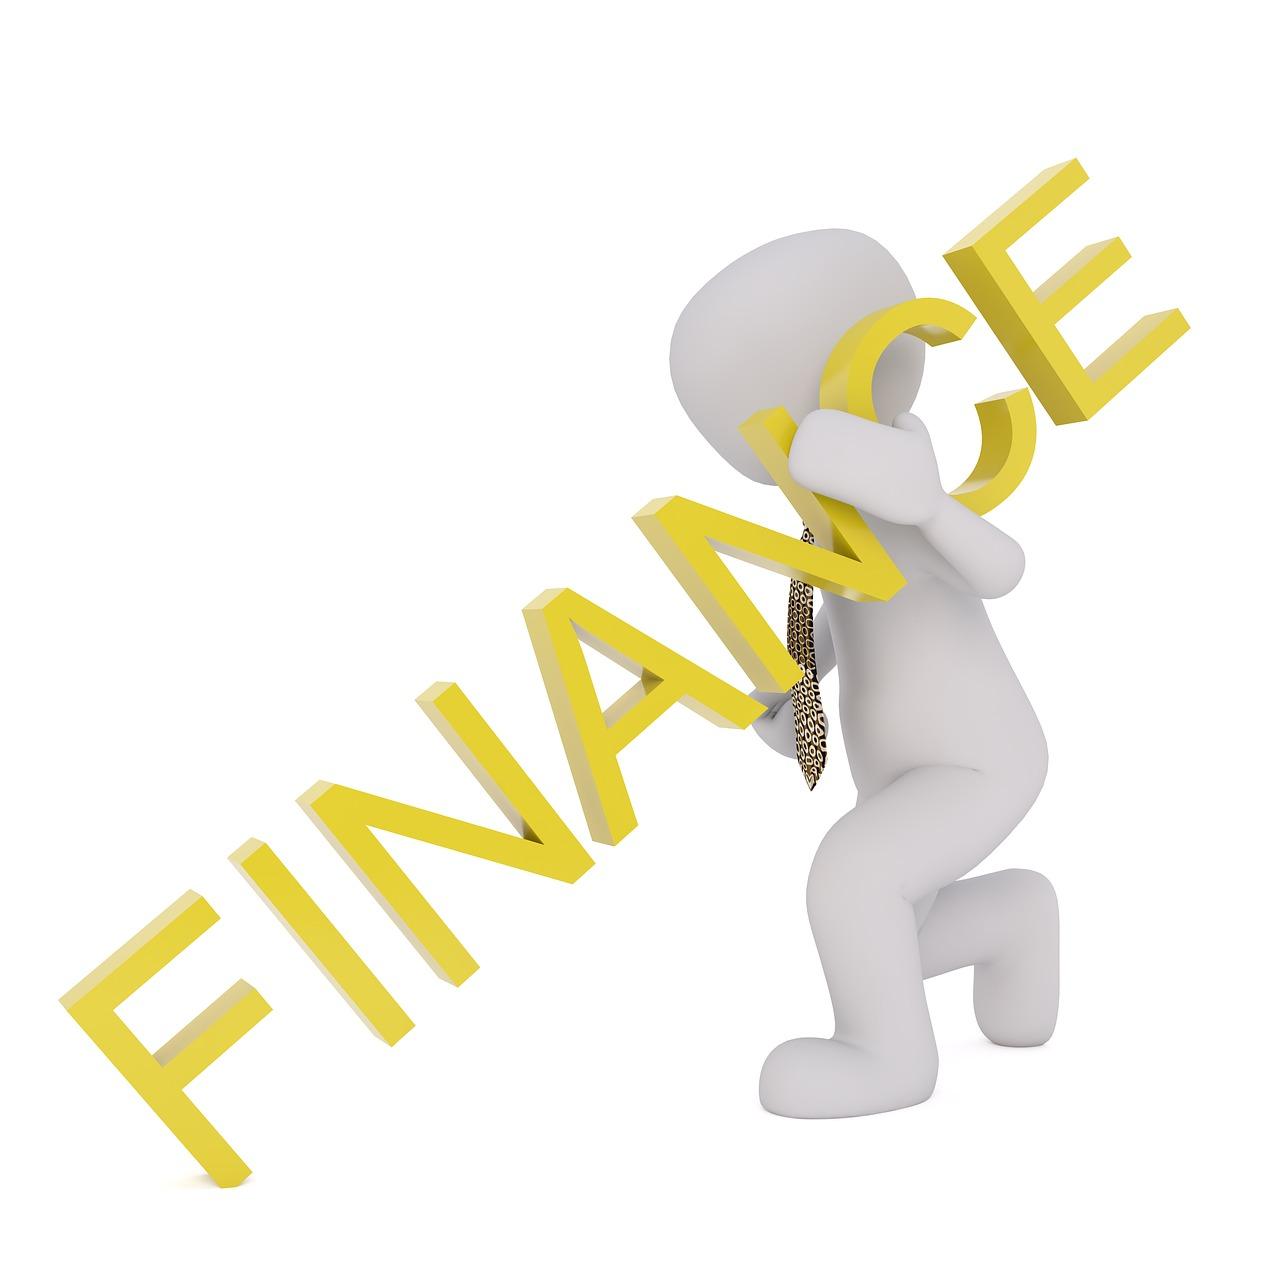 Wygodne centrum pożyczek